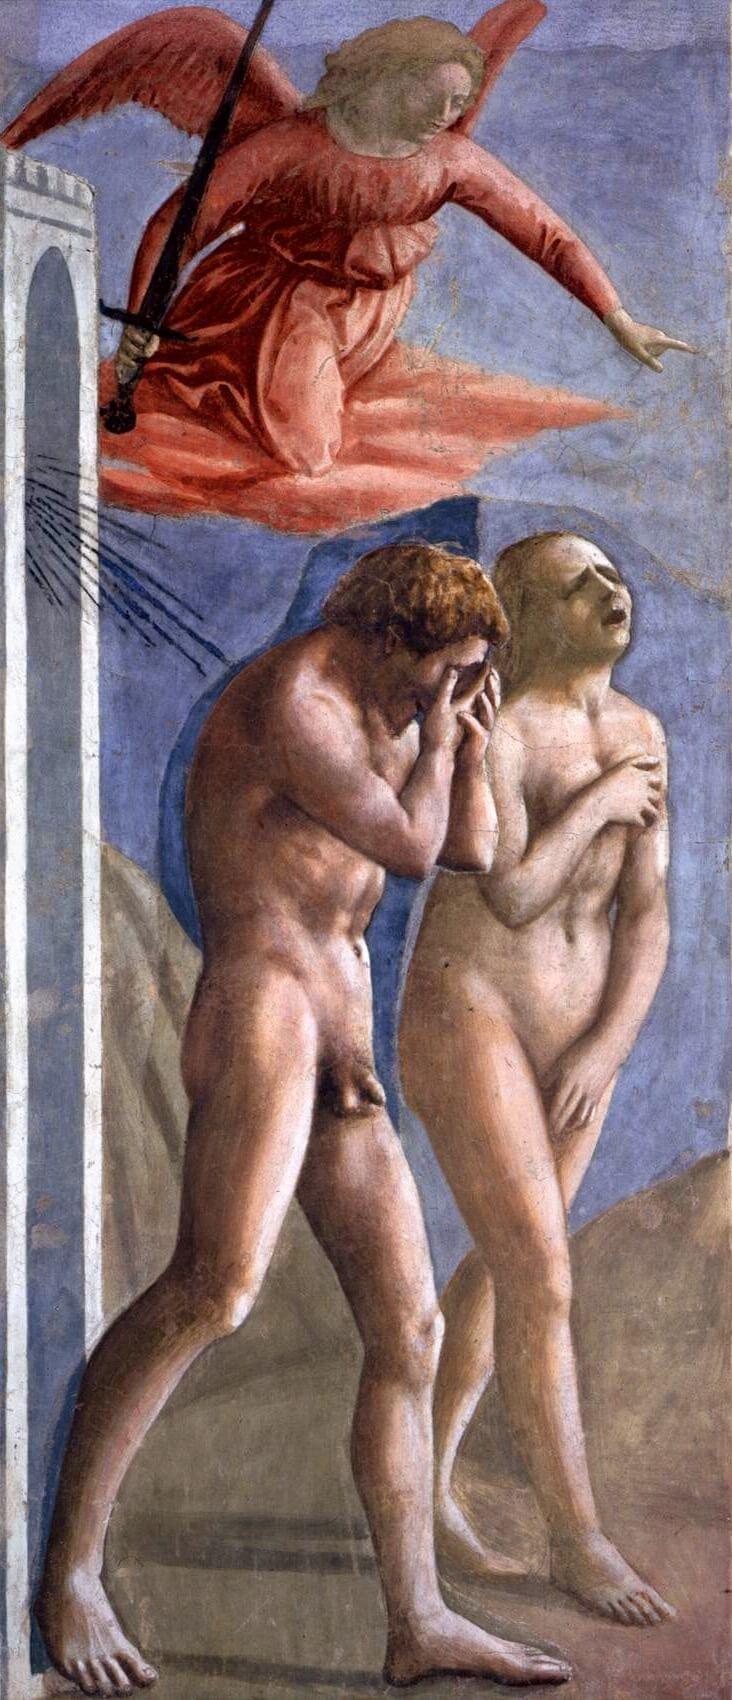 Masaccio. Expulsion from Paradise